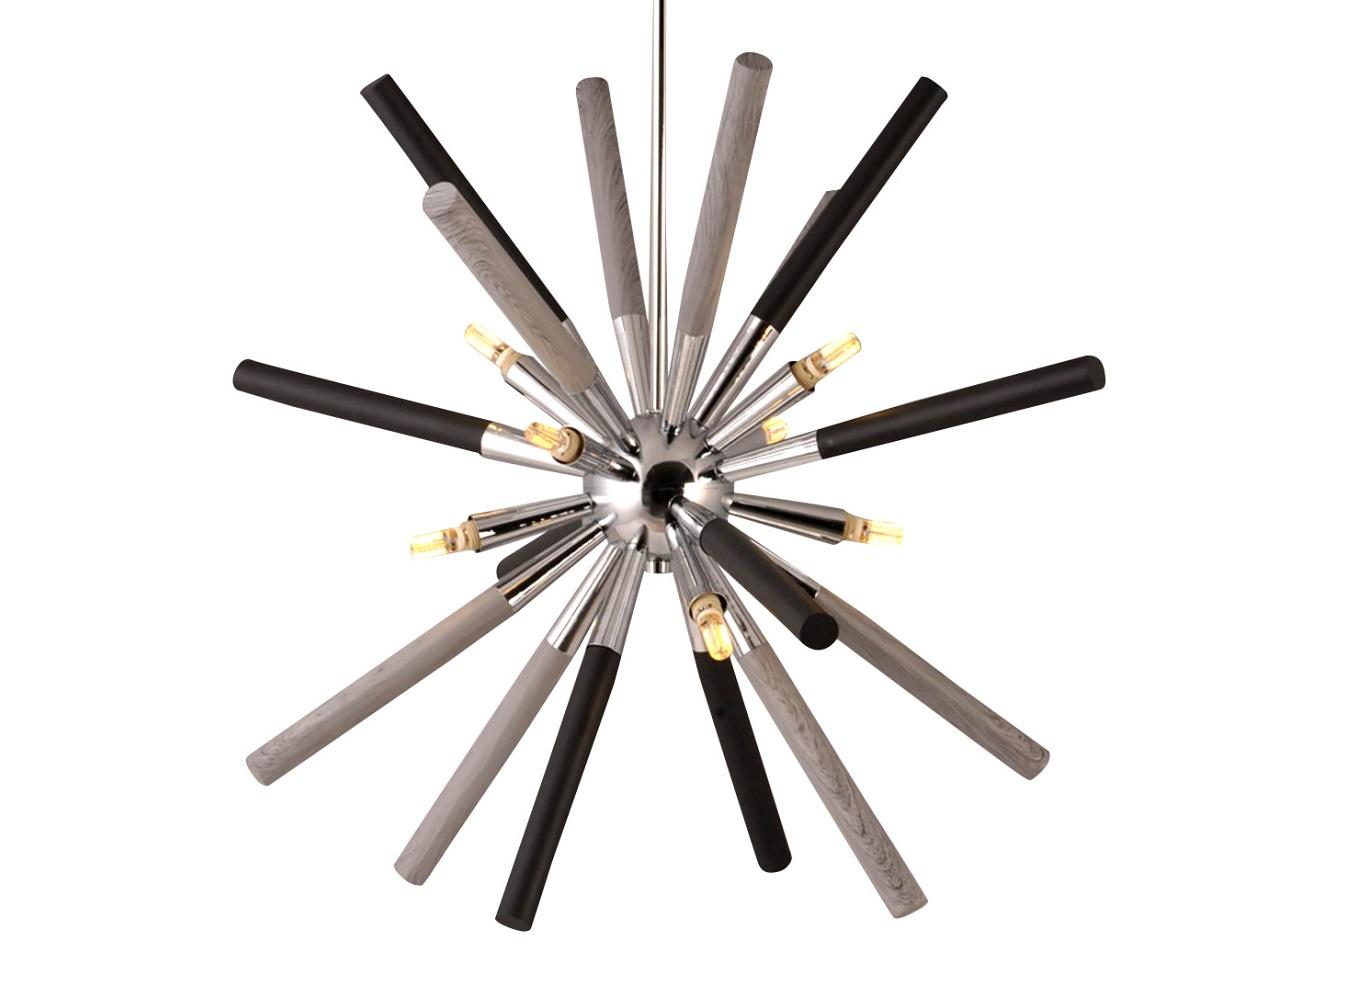 Подвесной светильникПодвесные светильники<br>Подвесной светильник из коллекции Sputnik с оригинальным дизайном. Плафон выполнен в виде сферы из хромированного металла с колбочками из черного металла и дерева серого цвета. Высота светильника регулируется.&amp;lt;div&amp;gt;&amp;lt;br&amp;gt;&amp;lt;/div&amp;gt;&amp;lt;div&amp;gt;&amp;lt;div&amp;gt;Вид цоколя: G9&amp;lt;/div&amp;gt;&amp;lt;div&amp;gt;Мощность:&amp;amp;nbsp; 40W&amp;lt;/div&amp;gt;&amp;lt;div&amp;gt;Количество ламп: 4 (в комплекте)&amp;lt;/div&amp;gt;&amp;lt;/div&amp;gt;<br><br>Material: Дерево<br>Ширина см: 63.0<br>Высота см: 120.0<br>Глубина см: 63.0